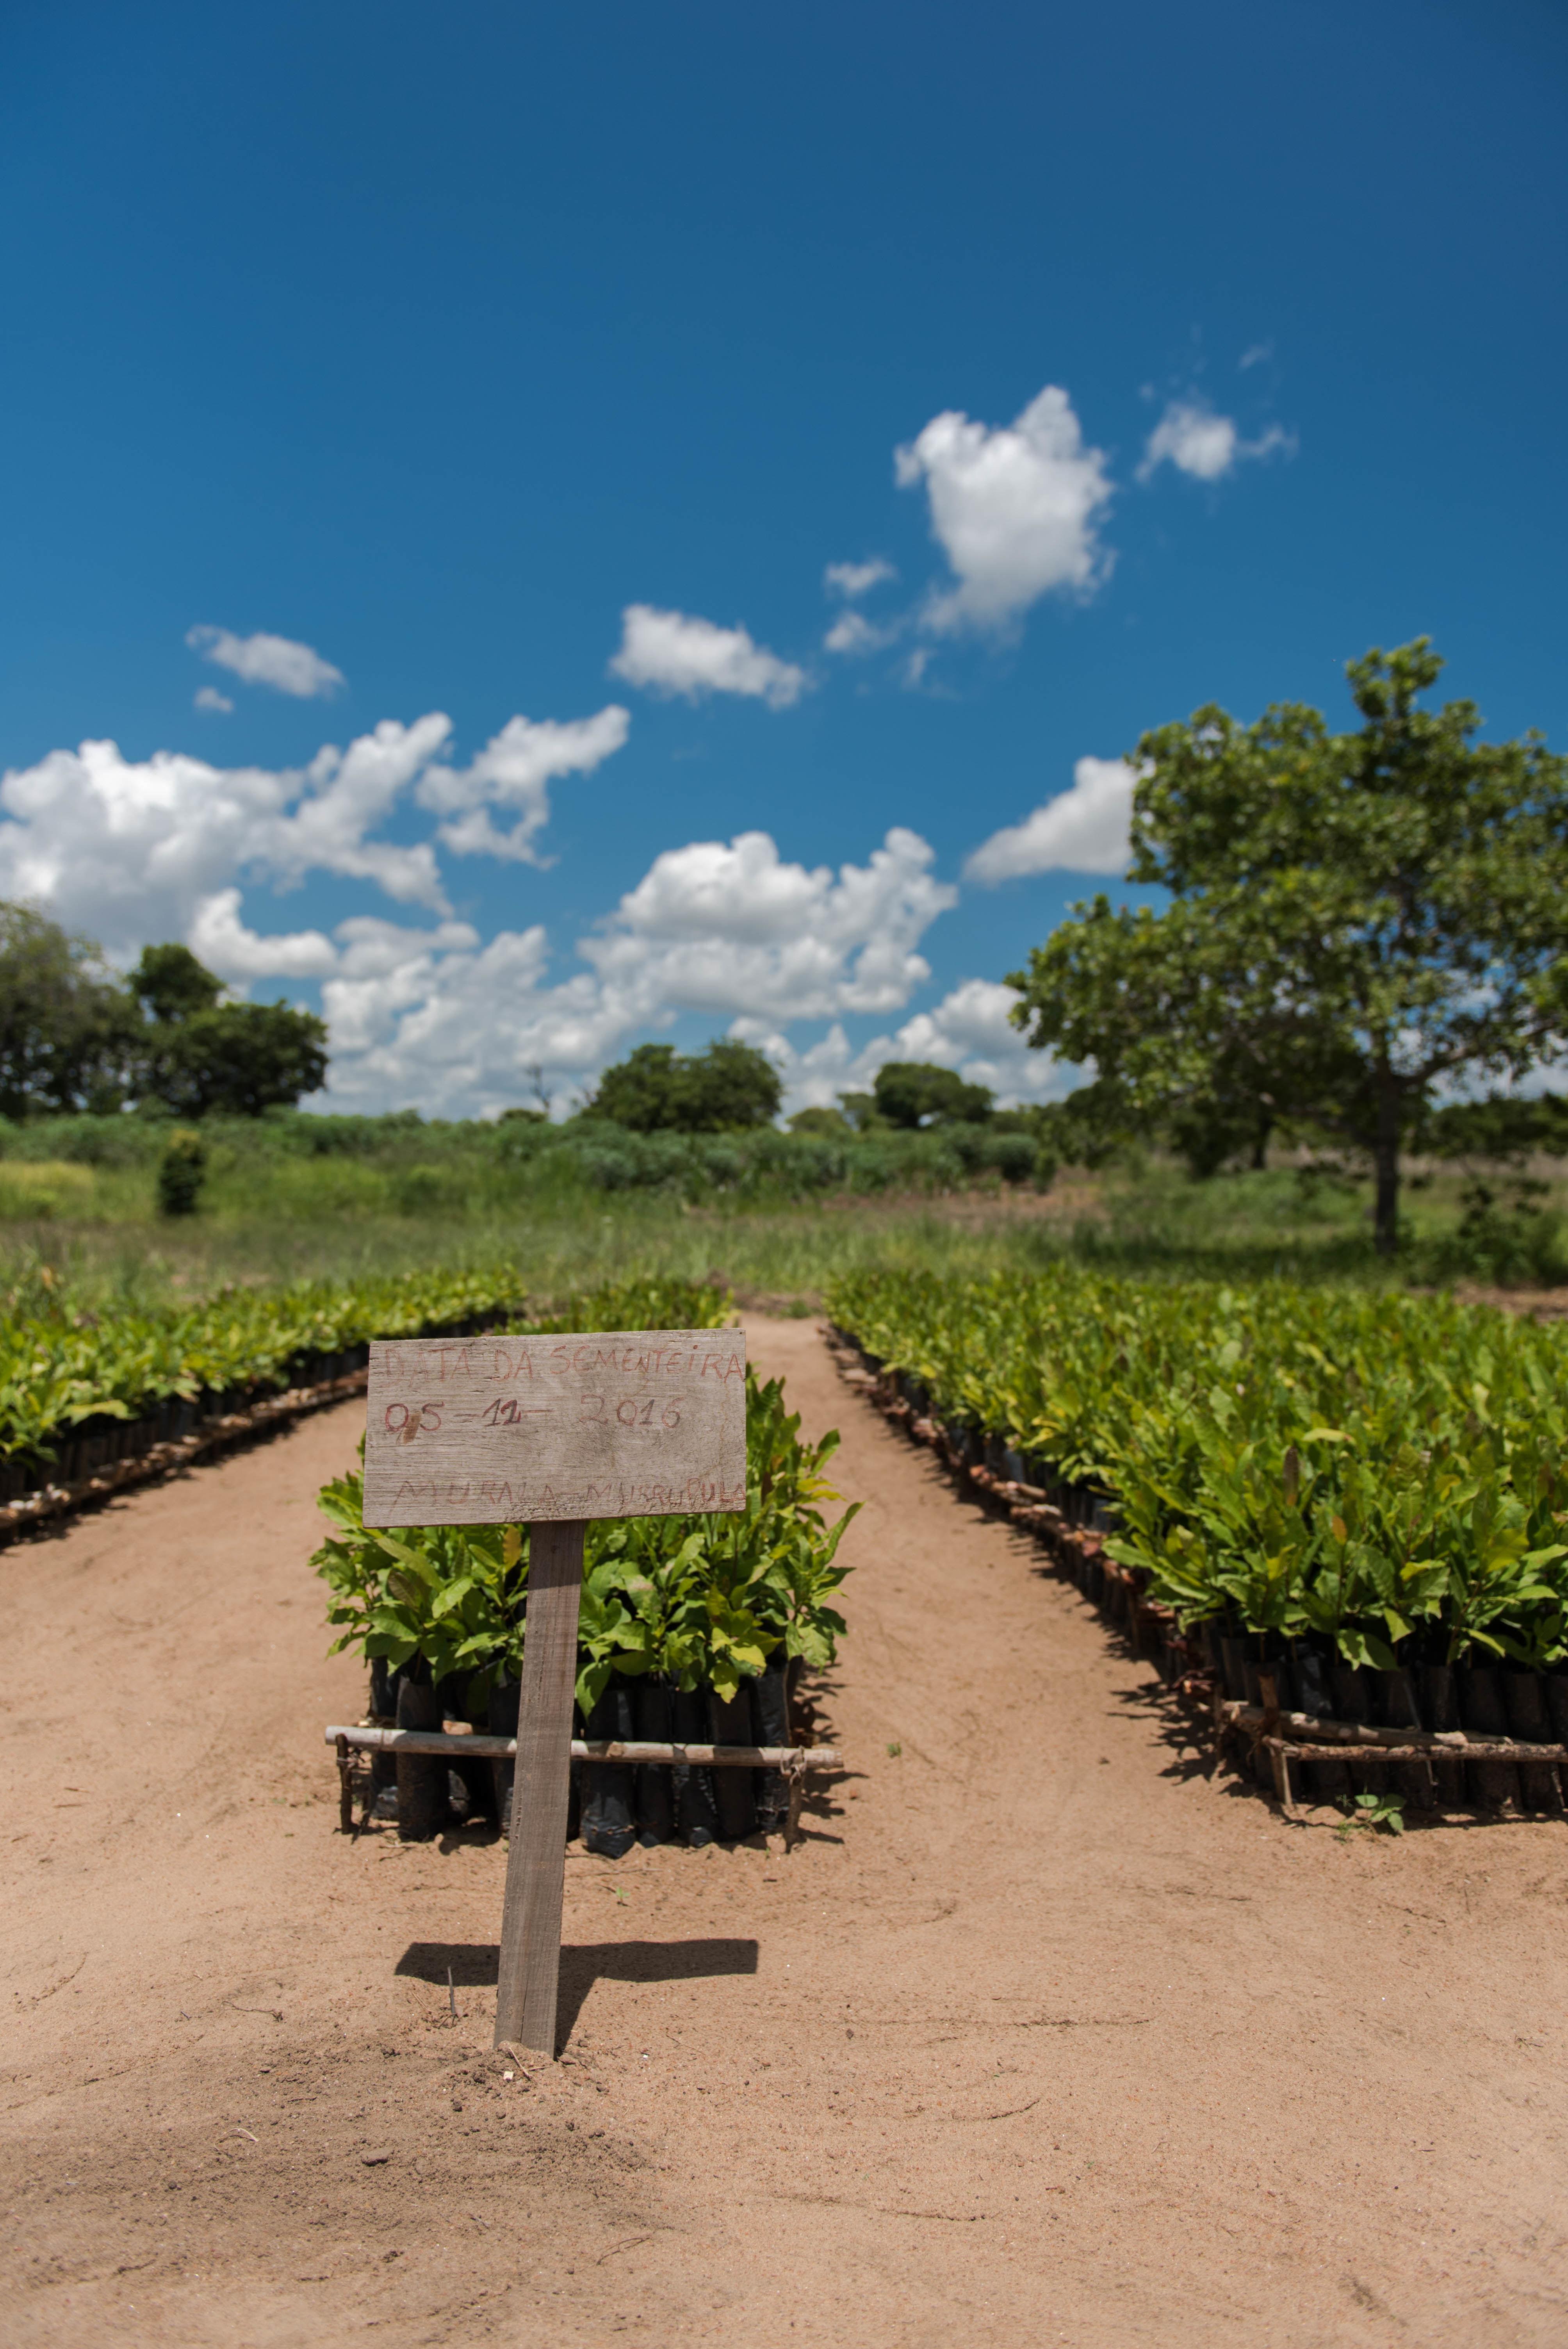 Stiklingene vokser til. Her fra en planteskole med noen av cashewtrærne som er blitt plantet.